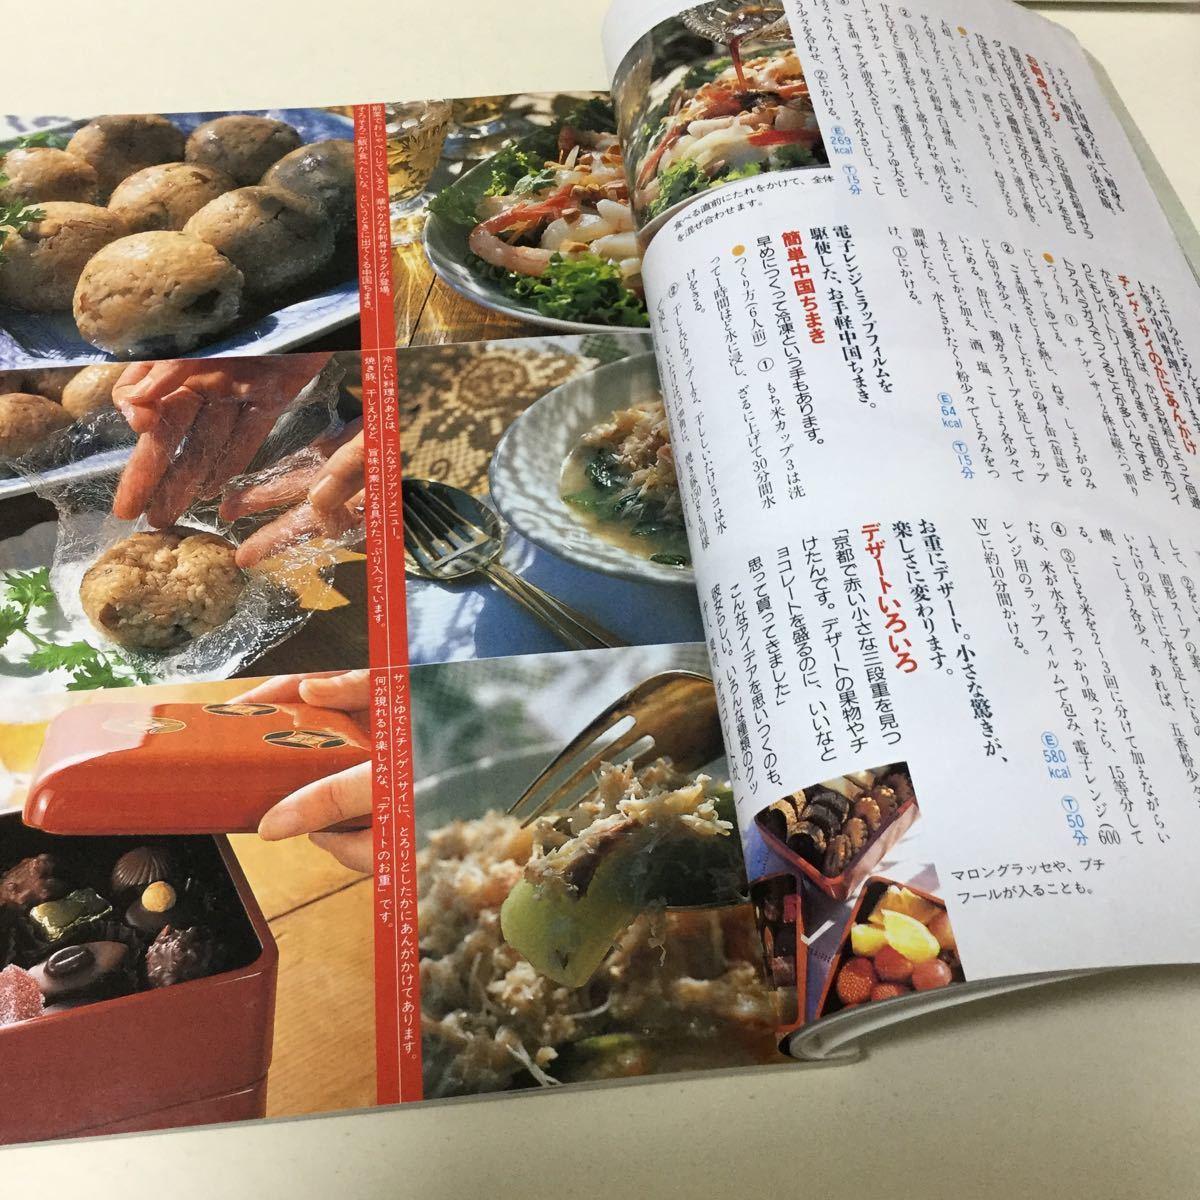 31 NHKきょうの料理 1990年12月号 料理本 料理 クッキング 弁当 夜ご飯 お弁当 おかず 作り置き レシピ レシピ本 正月料理 おせち お菓子_画像5